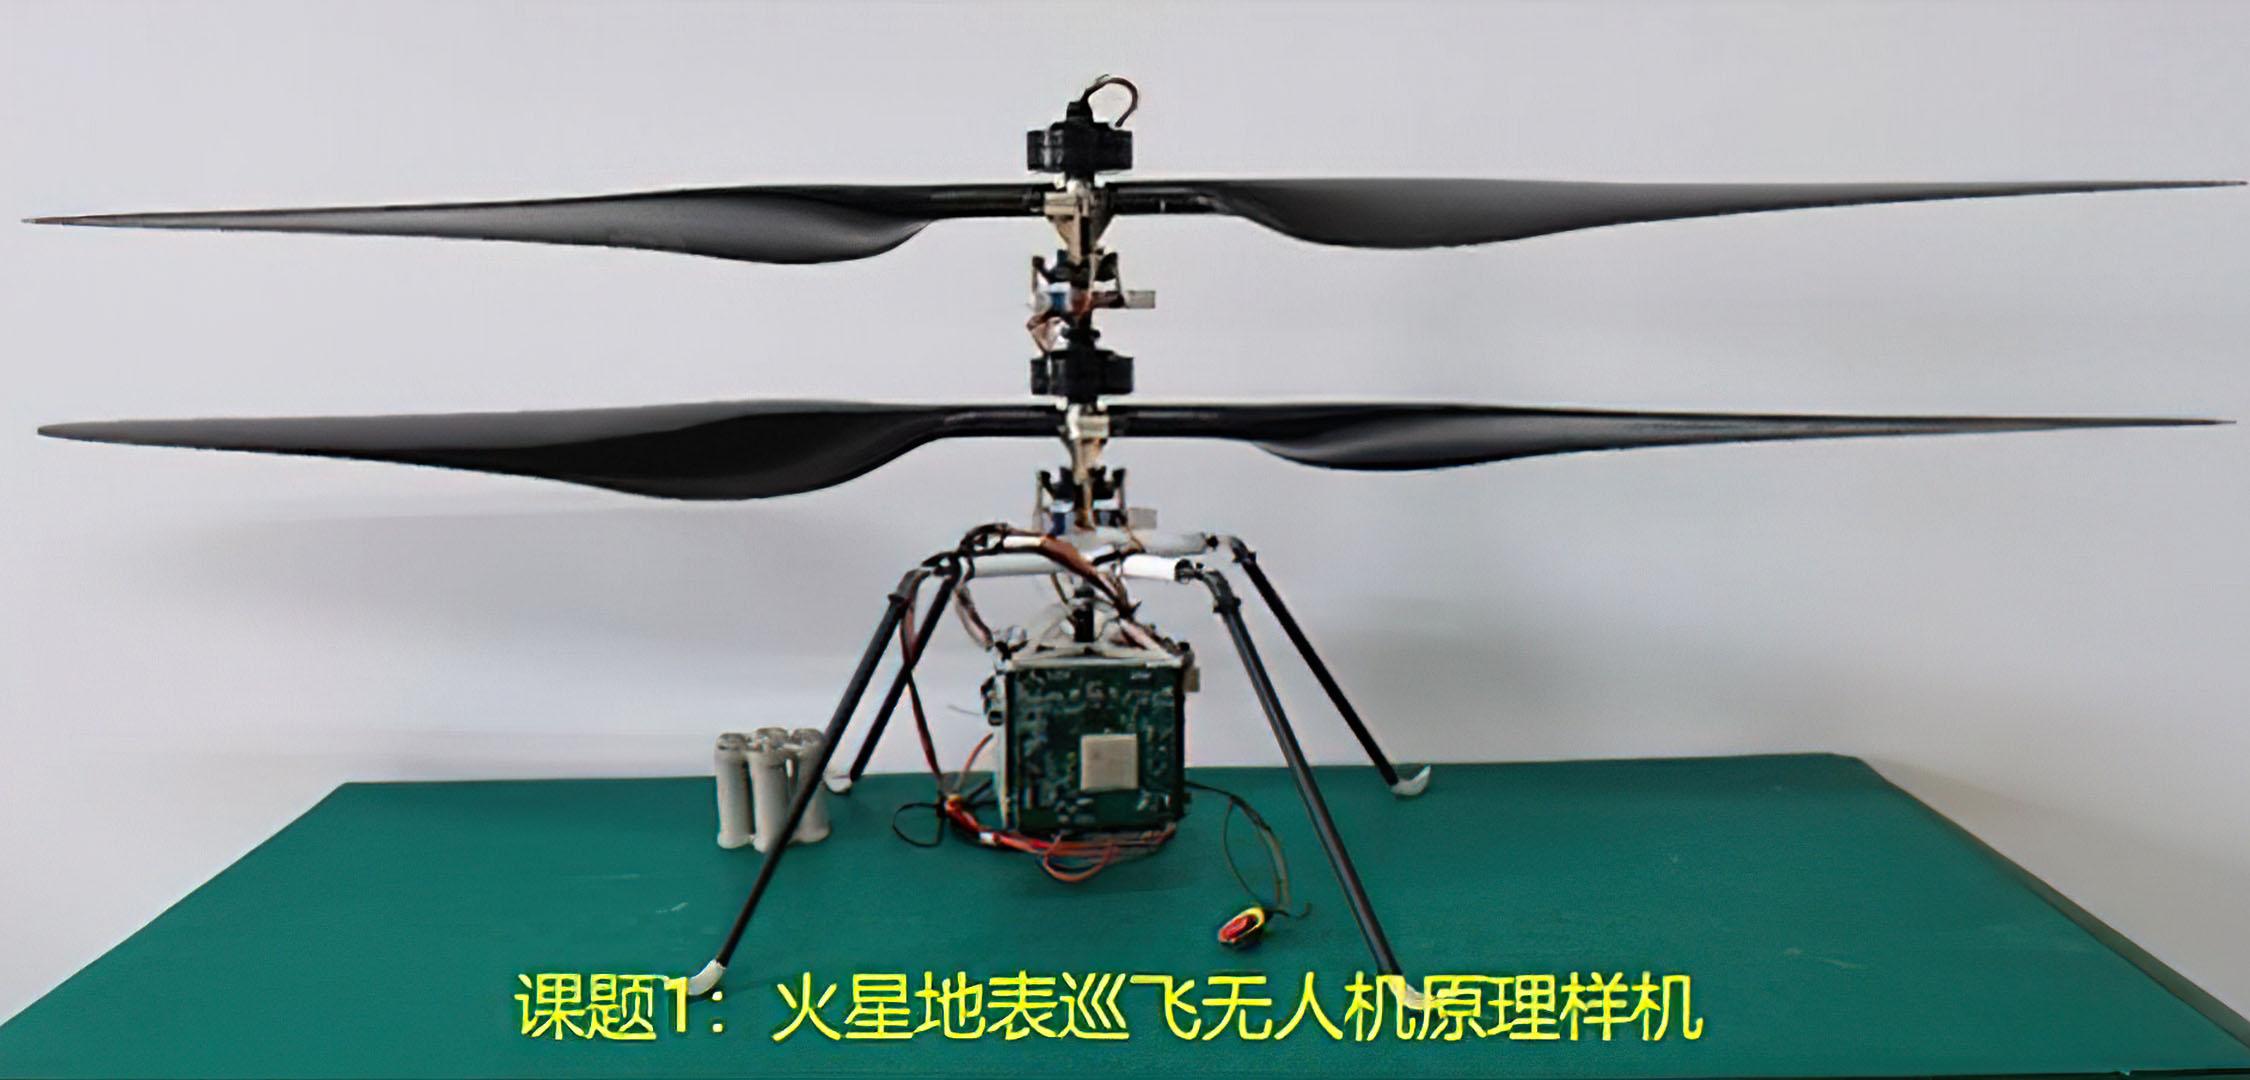 La Chine a aussi un projet d'hélicoptère pour Mars, qui rappelle Ingenuity